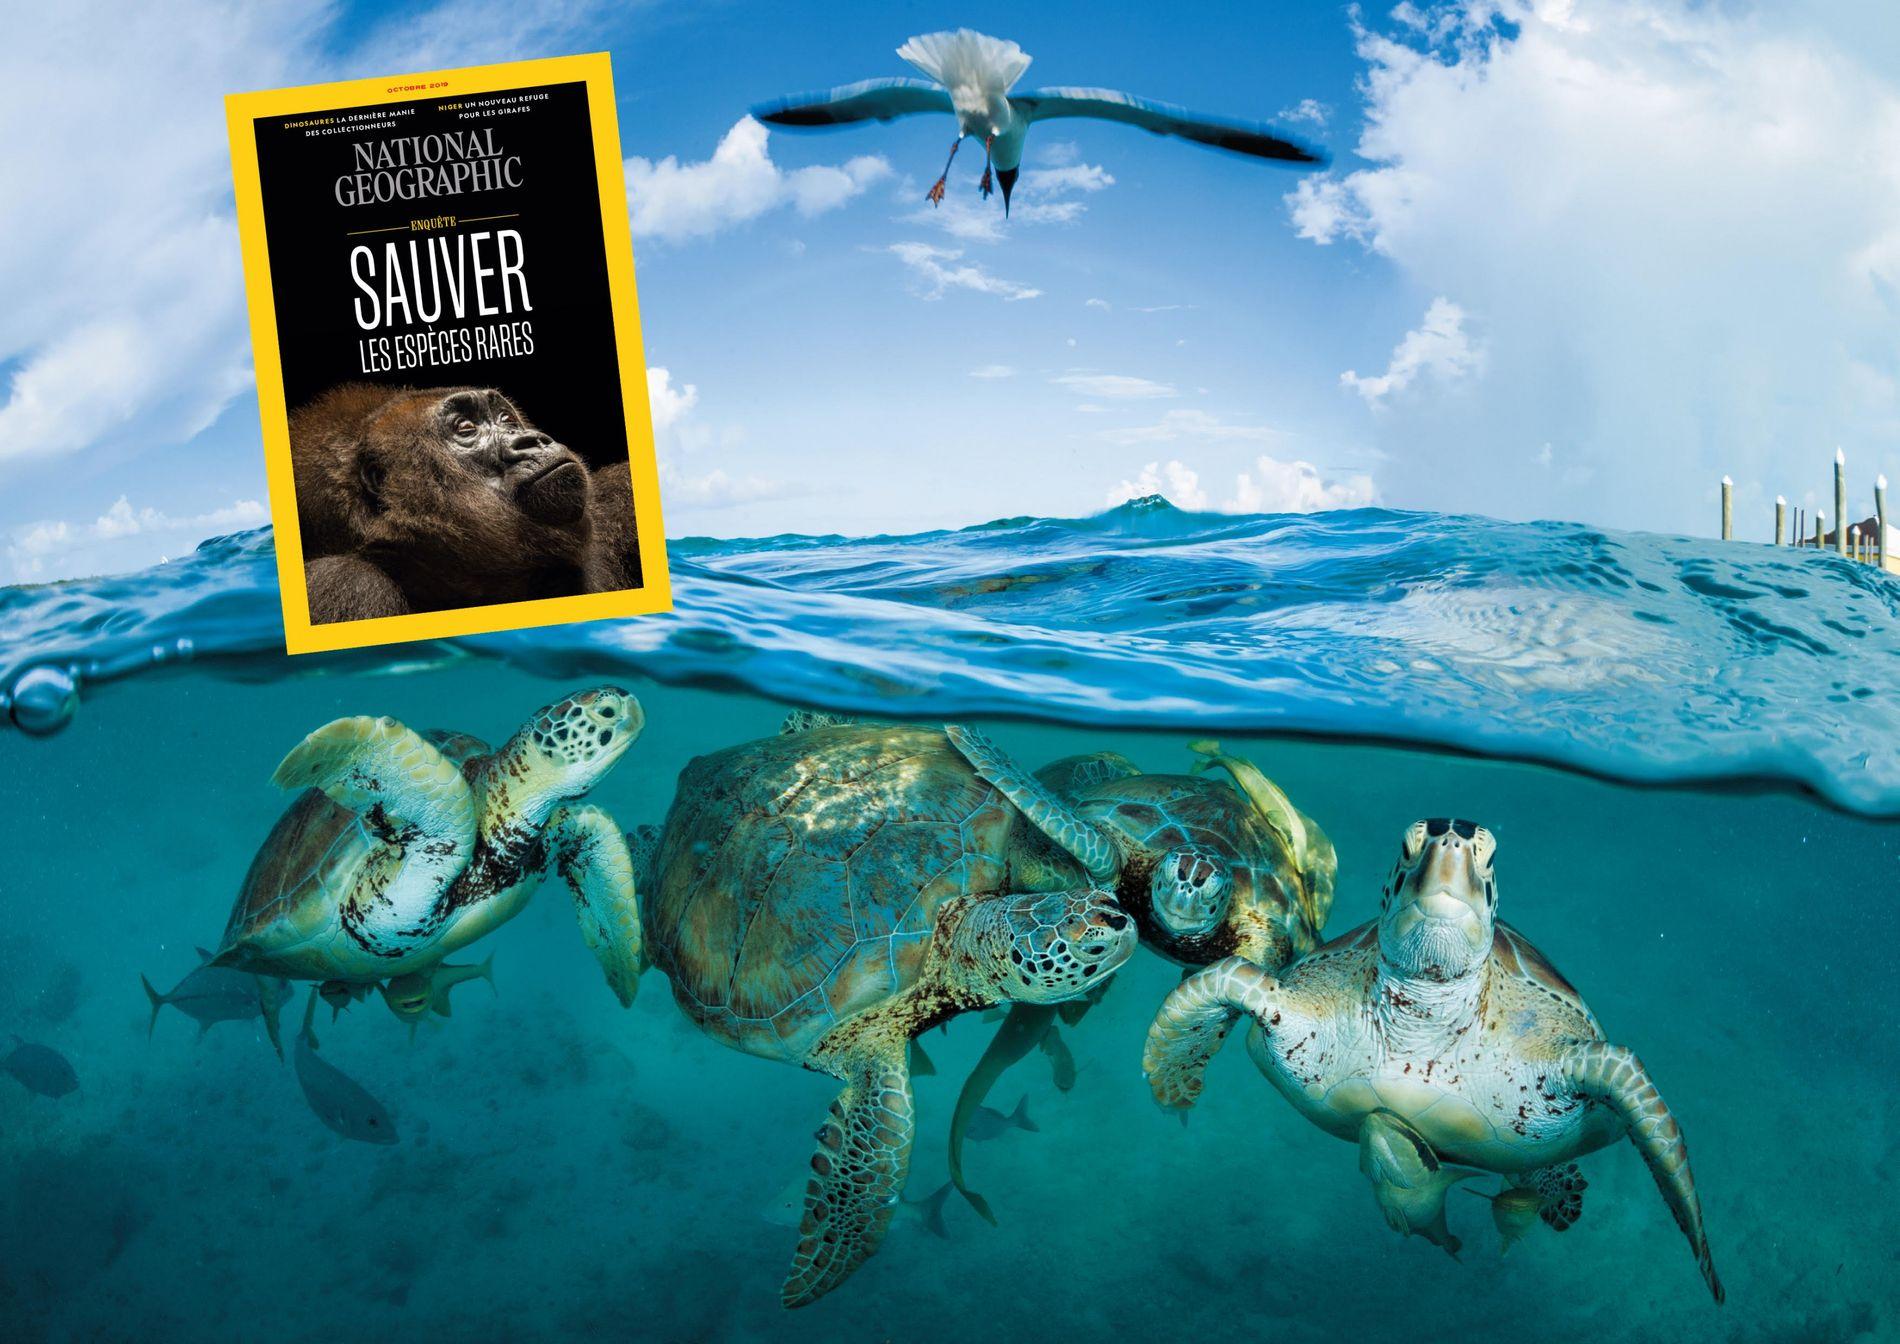 Sommaire du magazine National Geographic d'octobre 2019 : Sauver les espèces rares